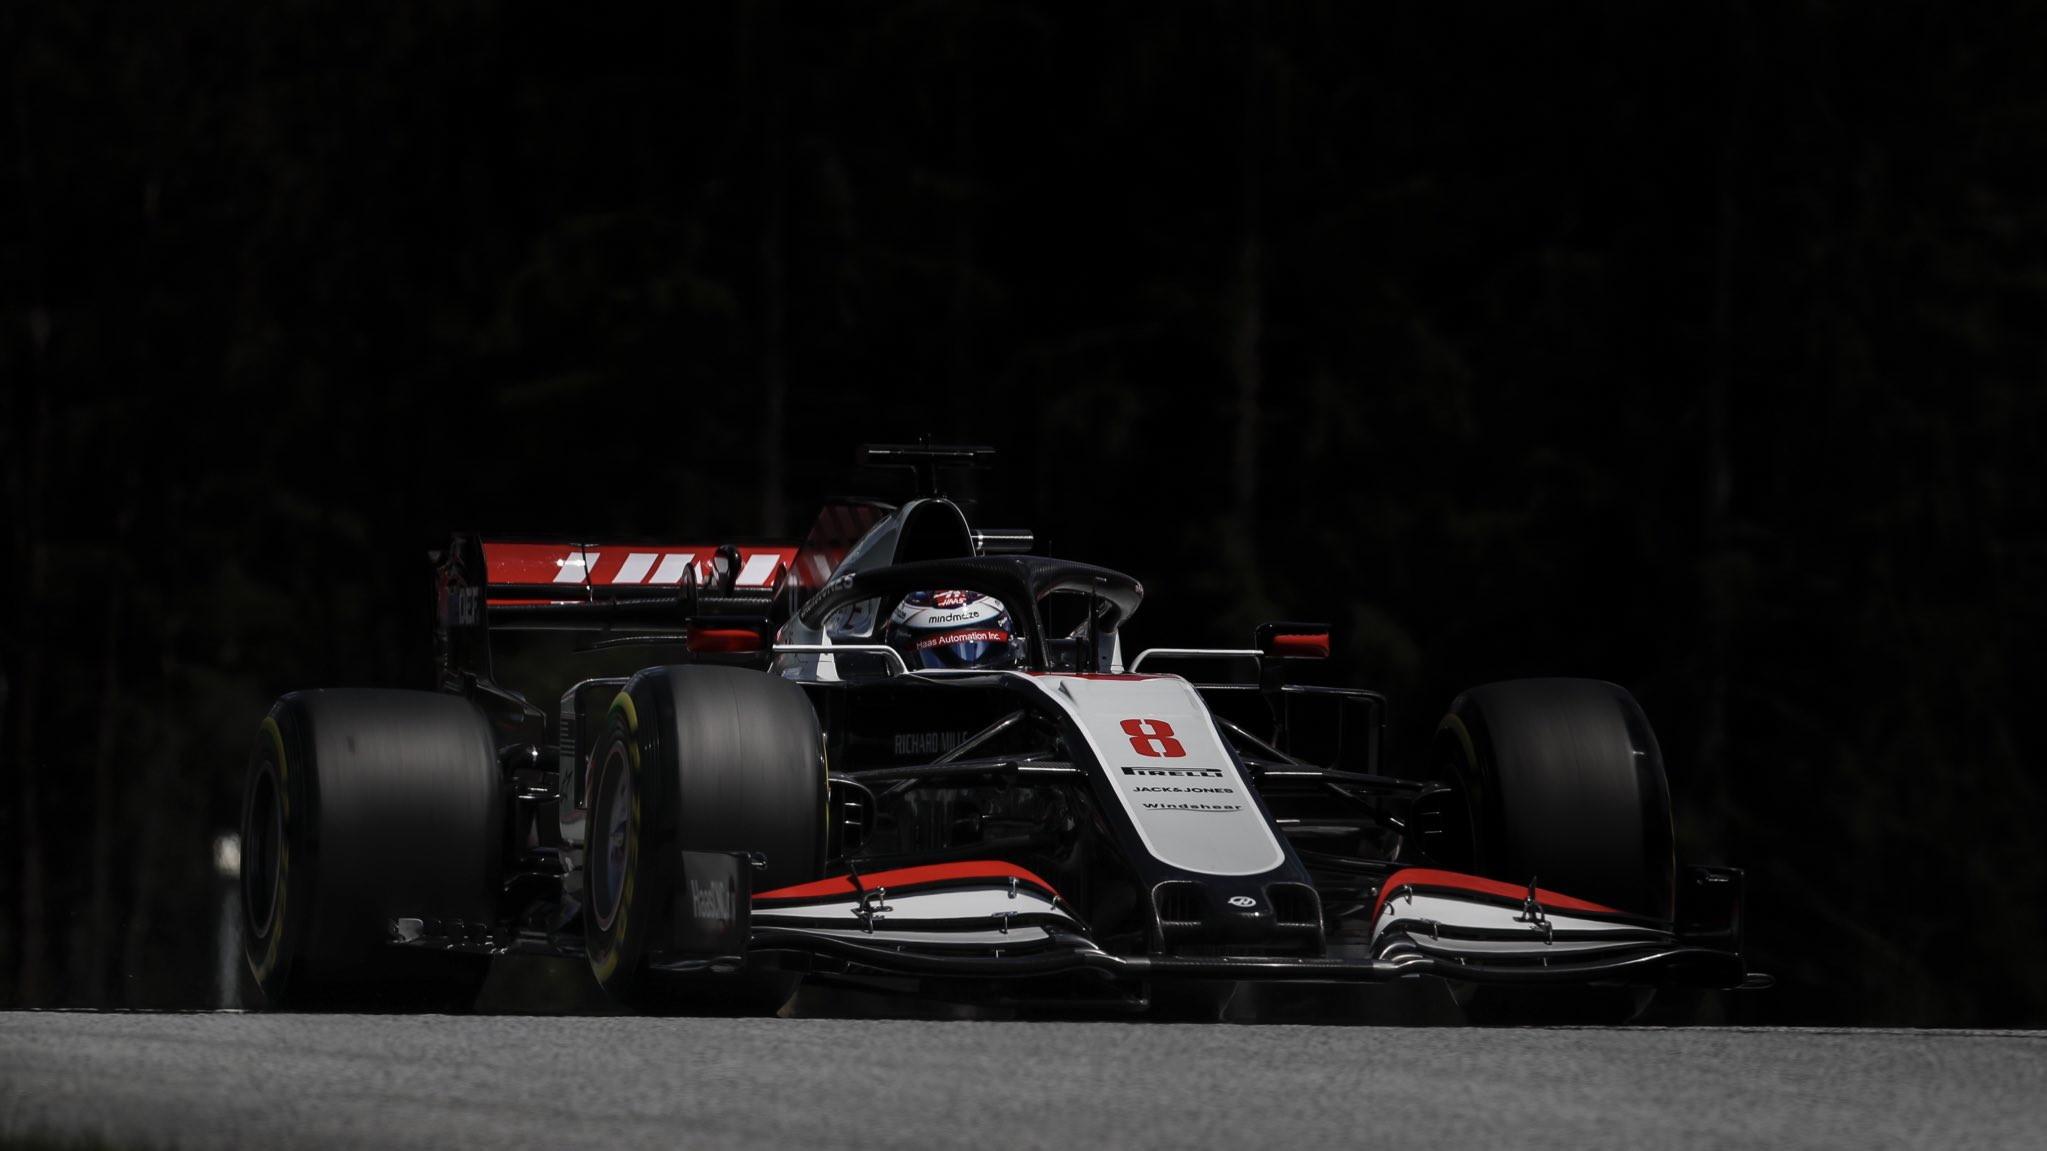 Il pilota mercedes precede il compagno Hamilton, Leclerc partir&agrave; dalla settima posizione. Delusione Vettel: &egrave; undicesimo<br /><br />